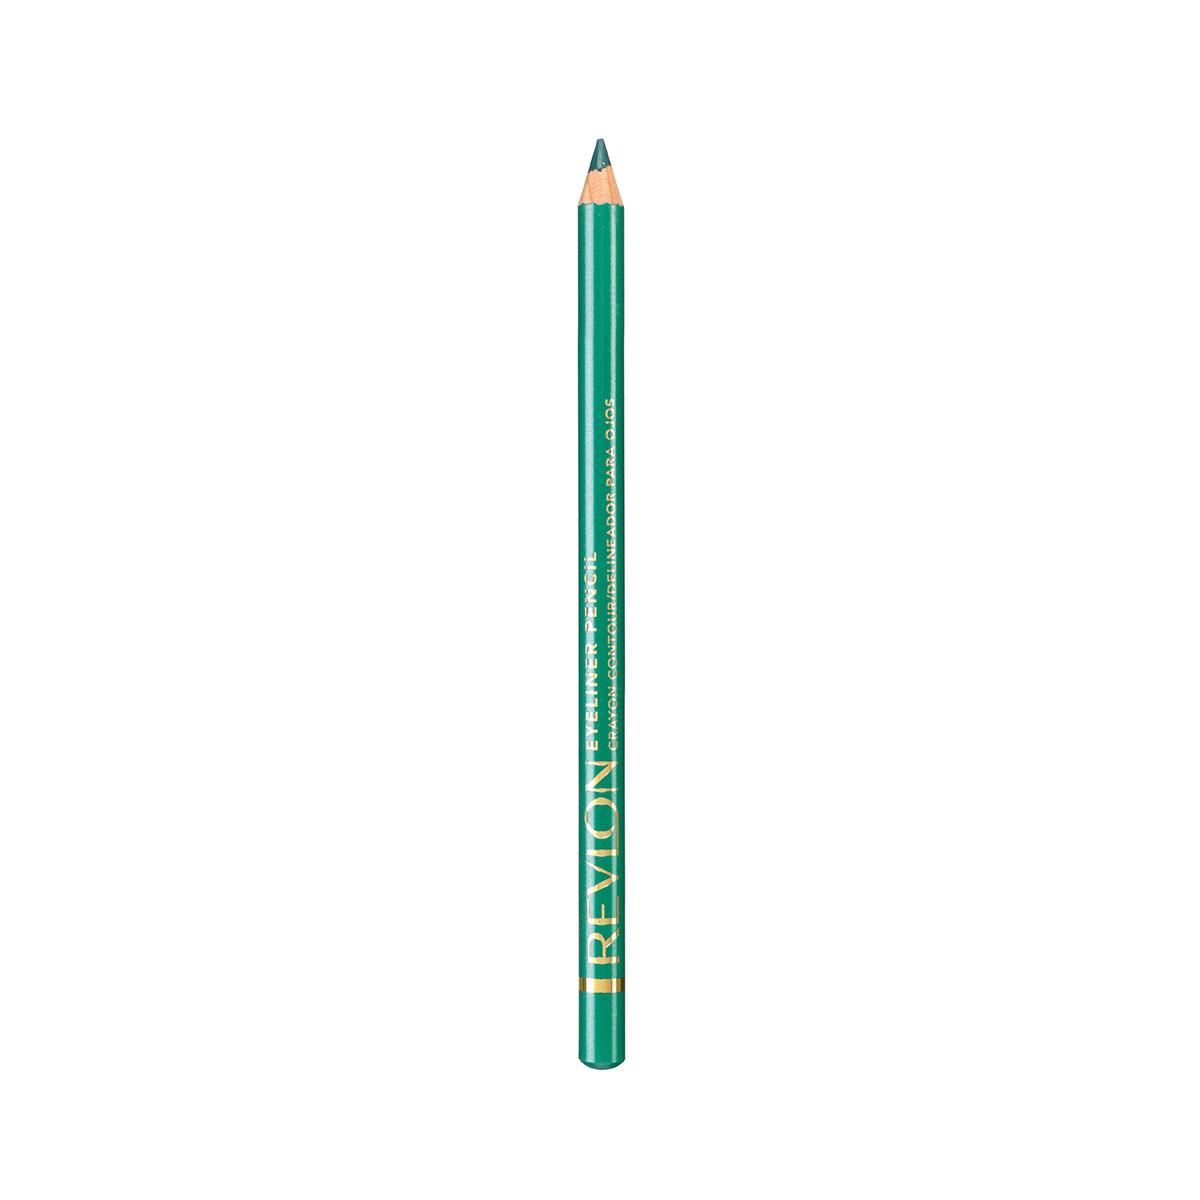 Revlon Карандаш для Глаз Eyeliner Aquamarine 07 1 гMFM-3101Классичесикй контурный карандаш с насыщенным цветом и интенсивной аппликацией. Скользит с лёгкостью карандаша и даёт цвет по интенсивности равный жидкому контуру. Прекрасно сохраняется на веках в течение дня.Нанести полностью на подвижное веко, на внутреннюю поверхность века или просто на линию роста ресниц по верхнему и/или нижнему веку.